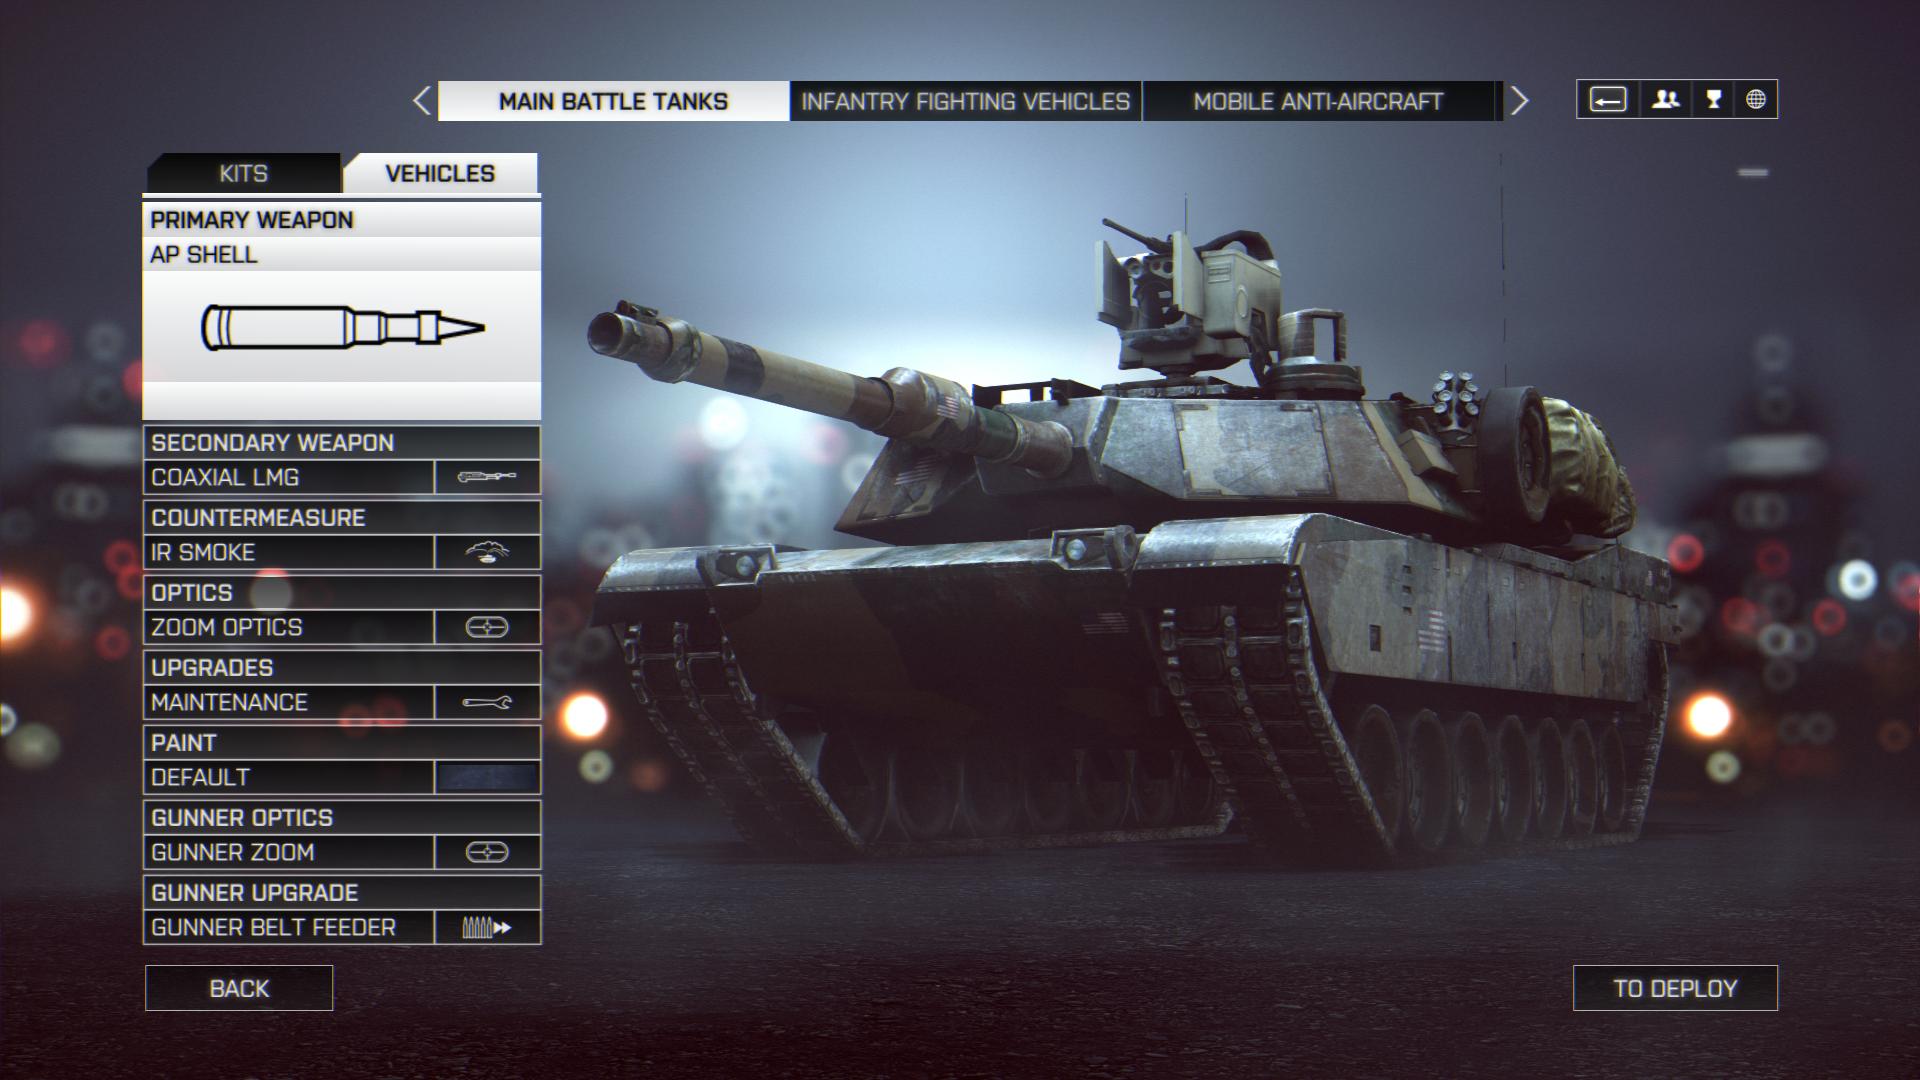 [Image: 468px-Main_battle_tanks.bmp.png]